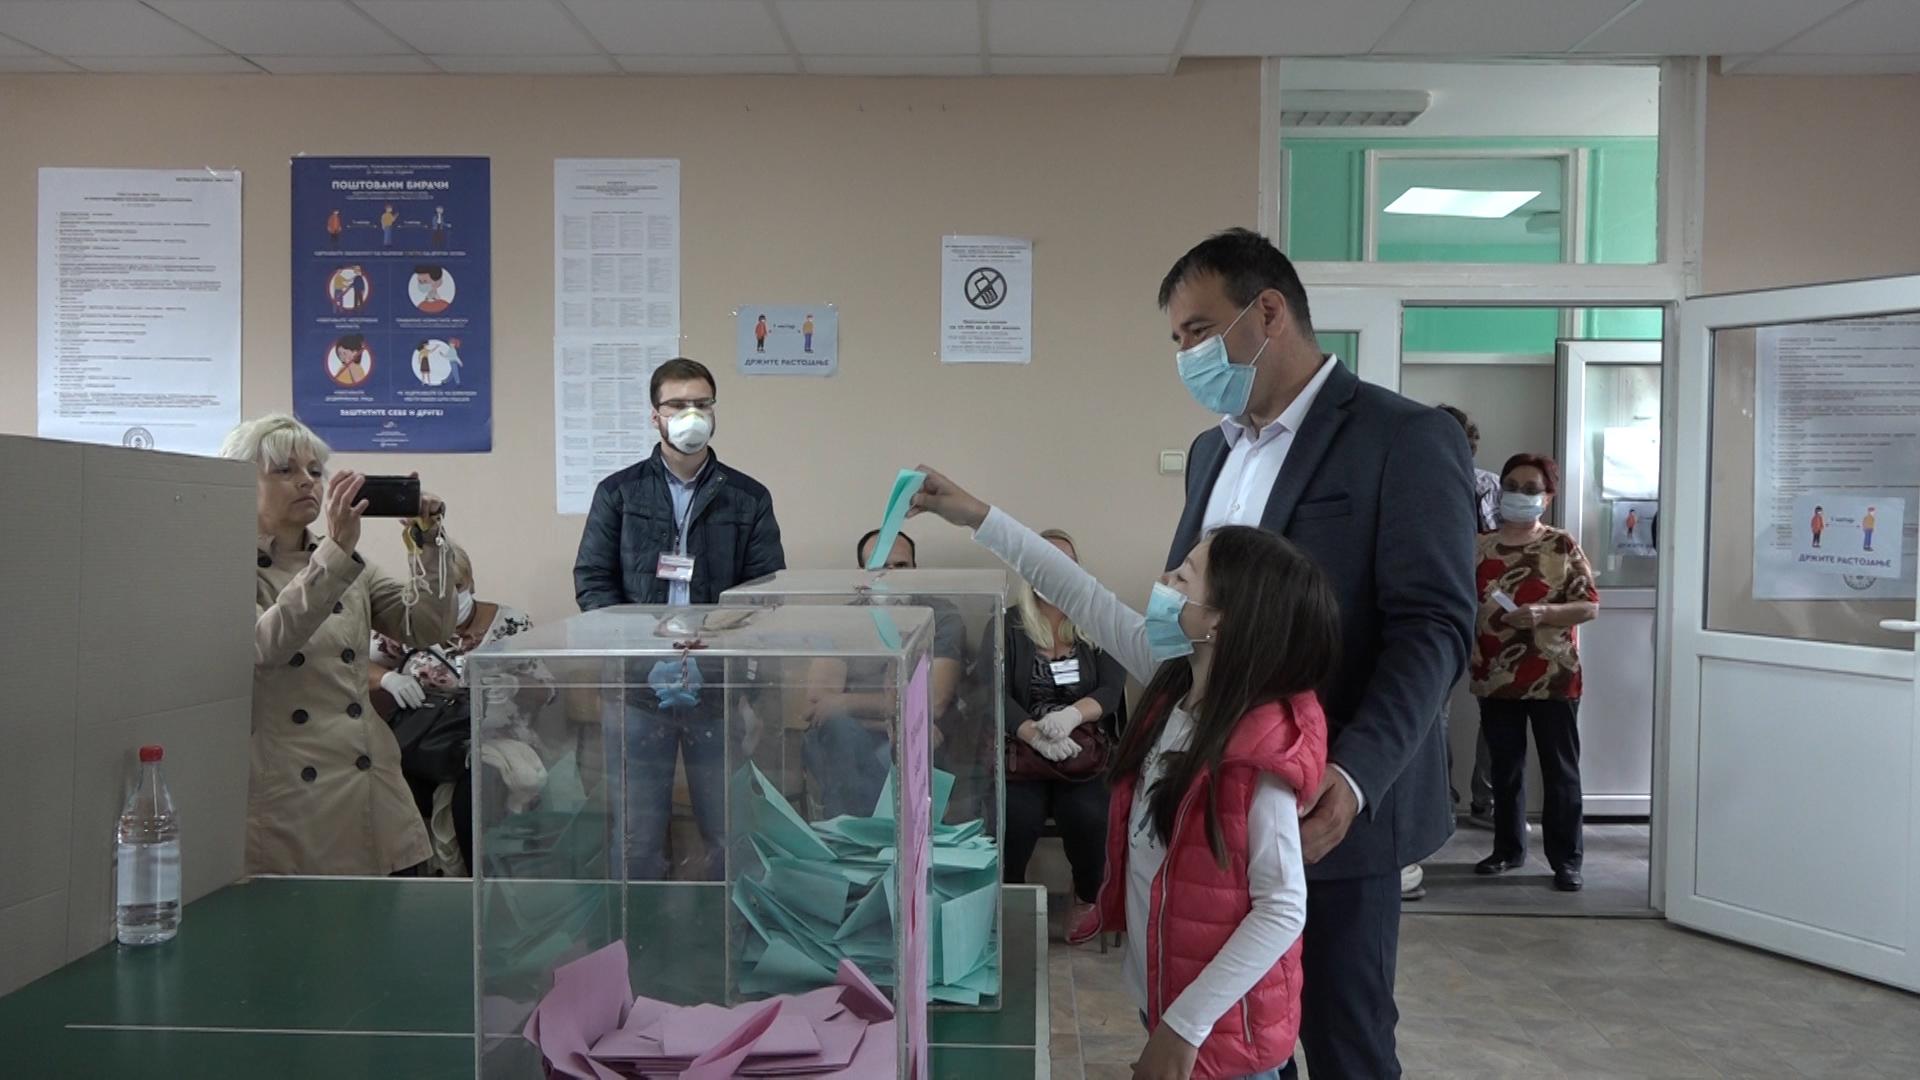 Izborni proces u Paraćinu – Biračko mesto br. 1, MZ Vrapčane